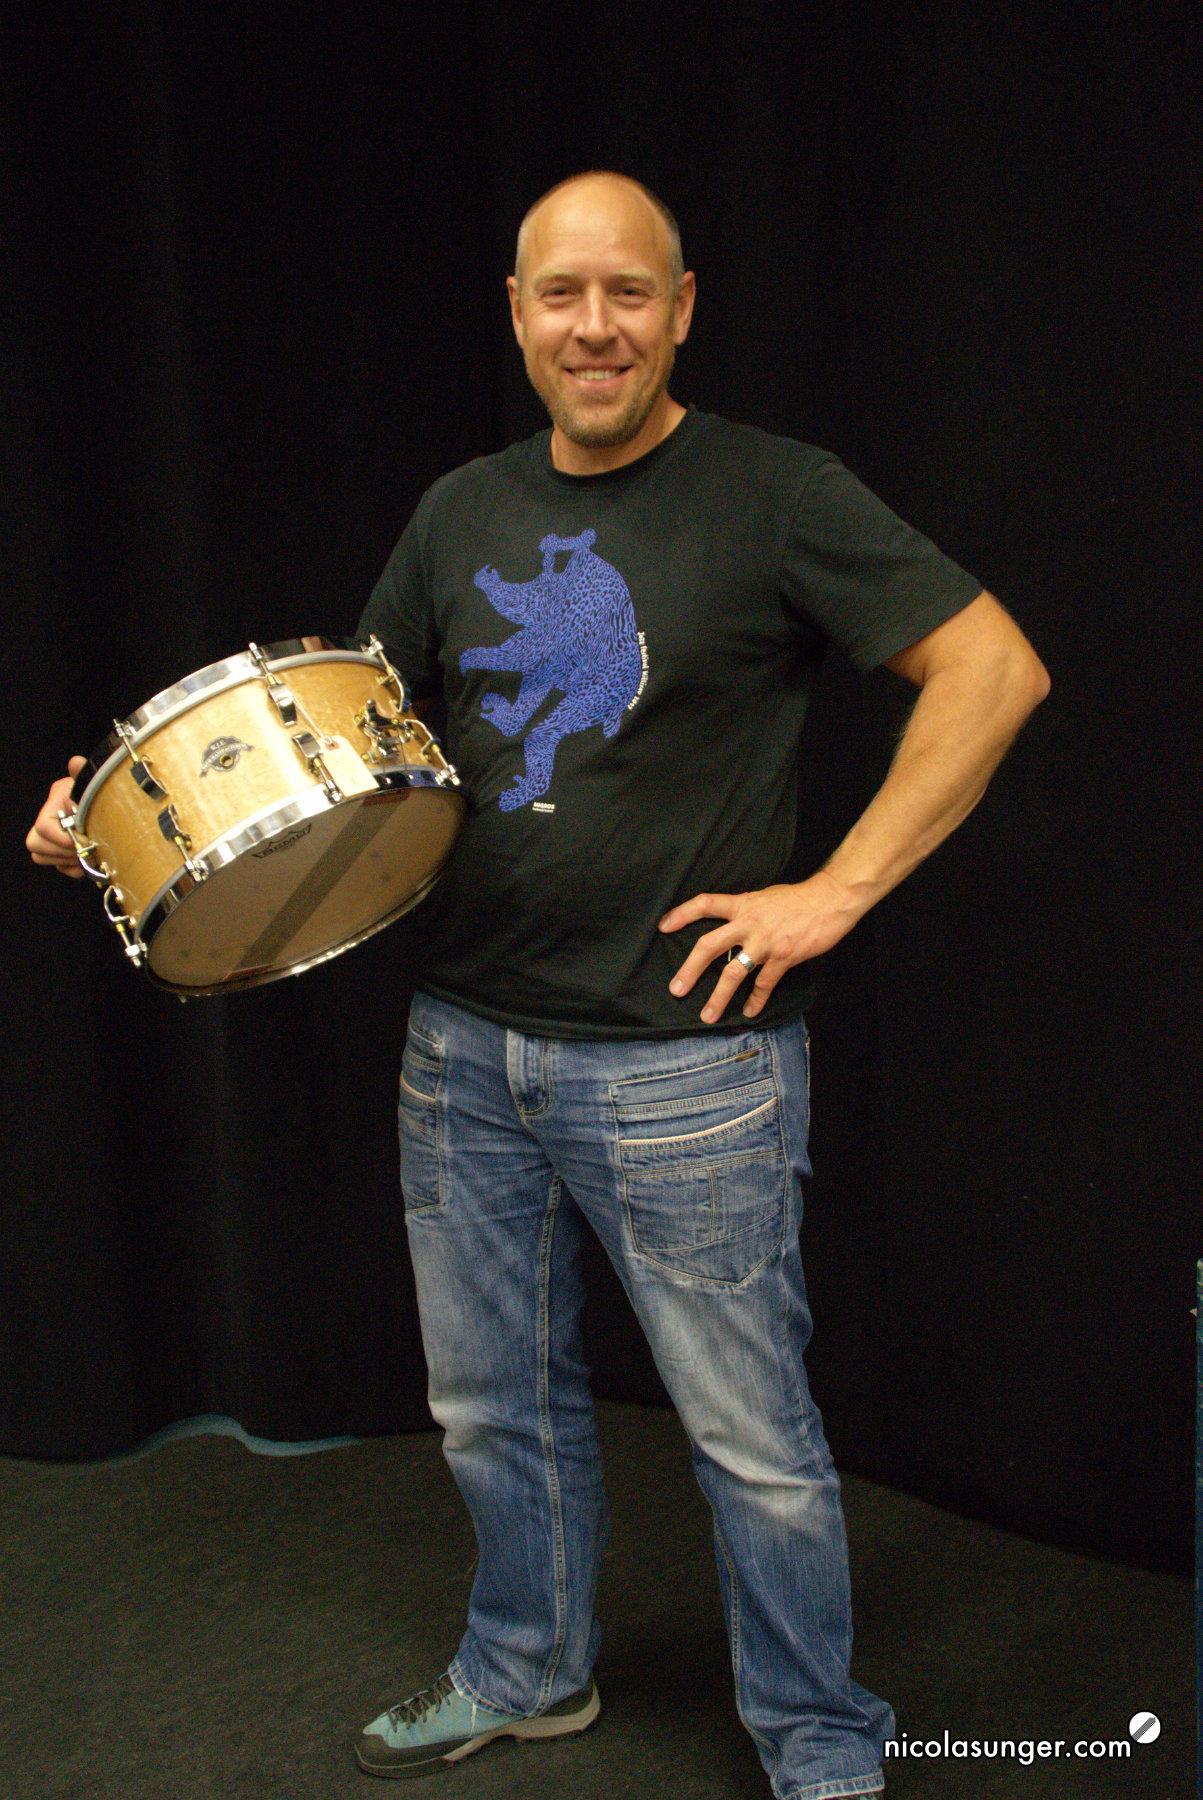 Stefan Wicki von W.J.E. Drum-Manufacturing